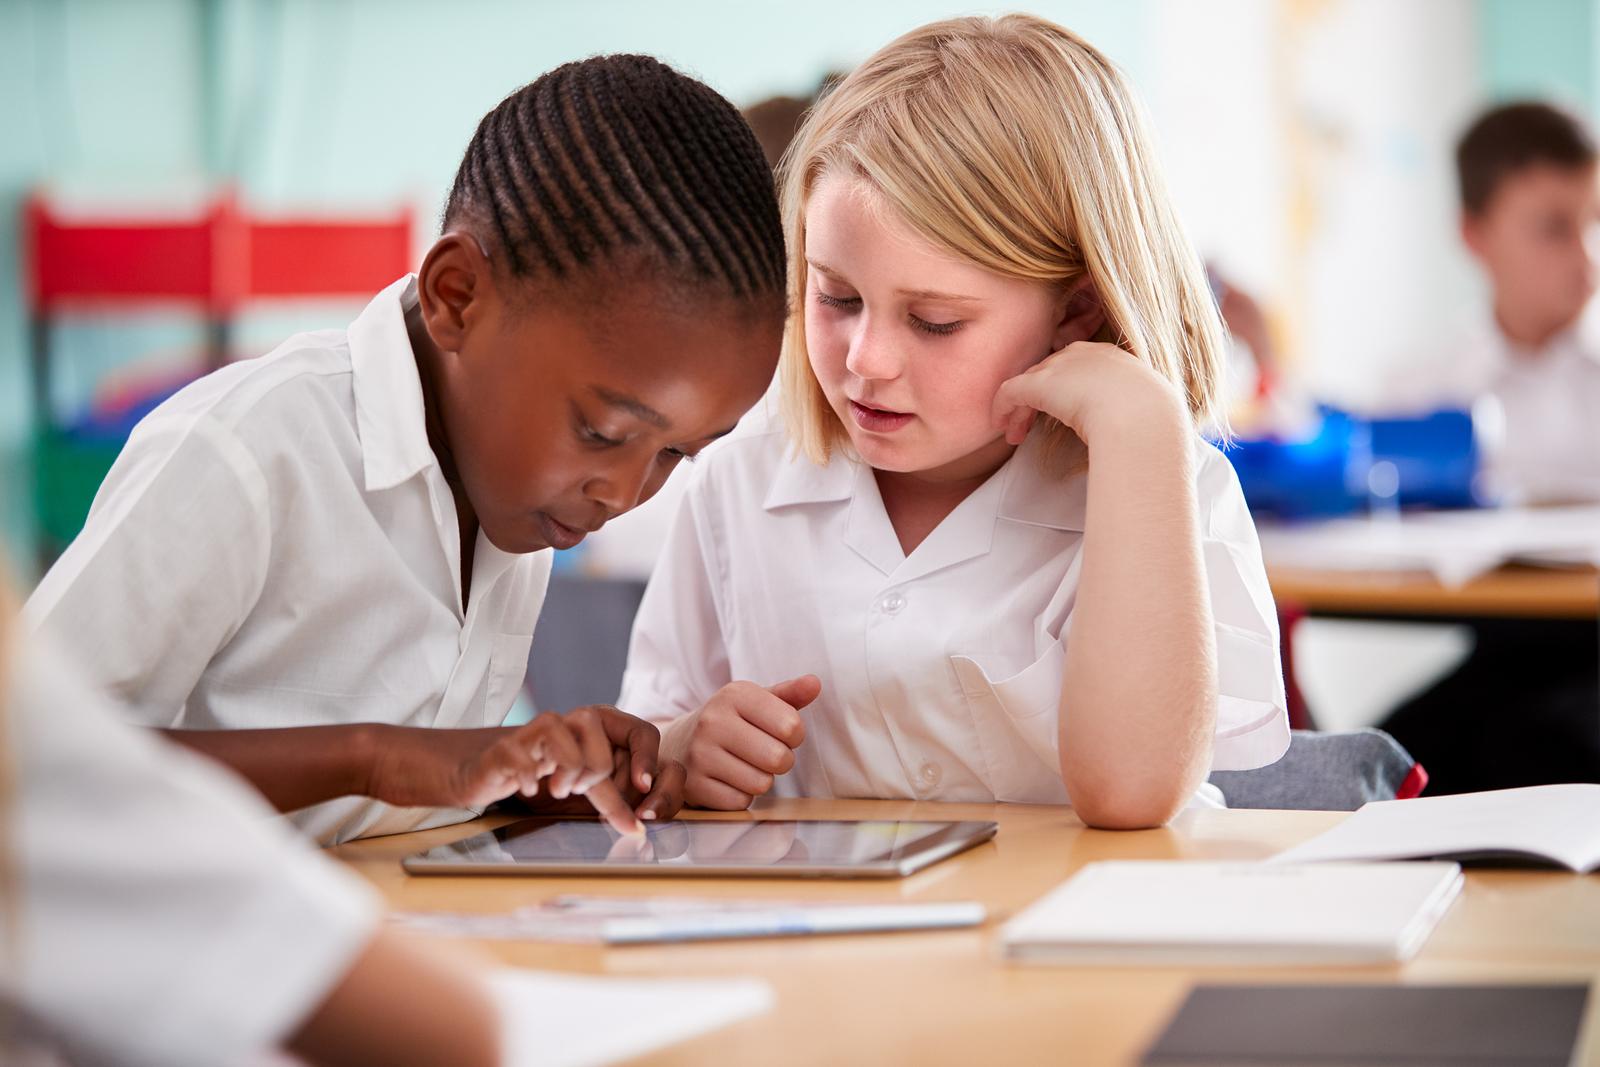 Photo: School Children